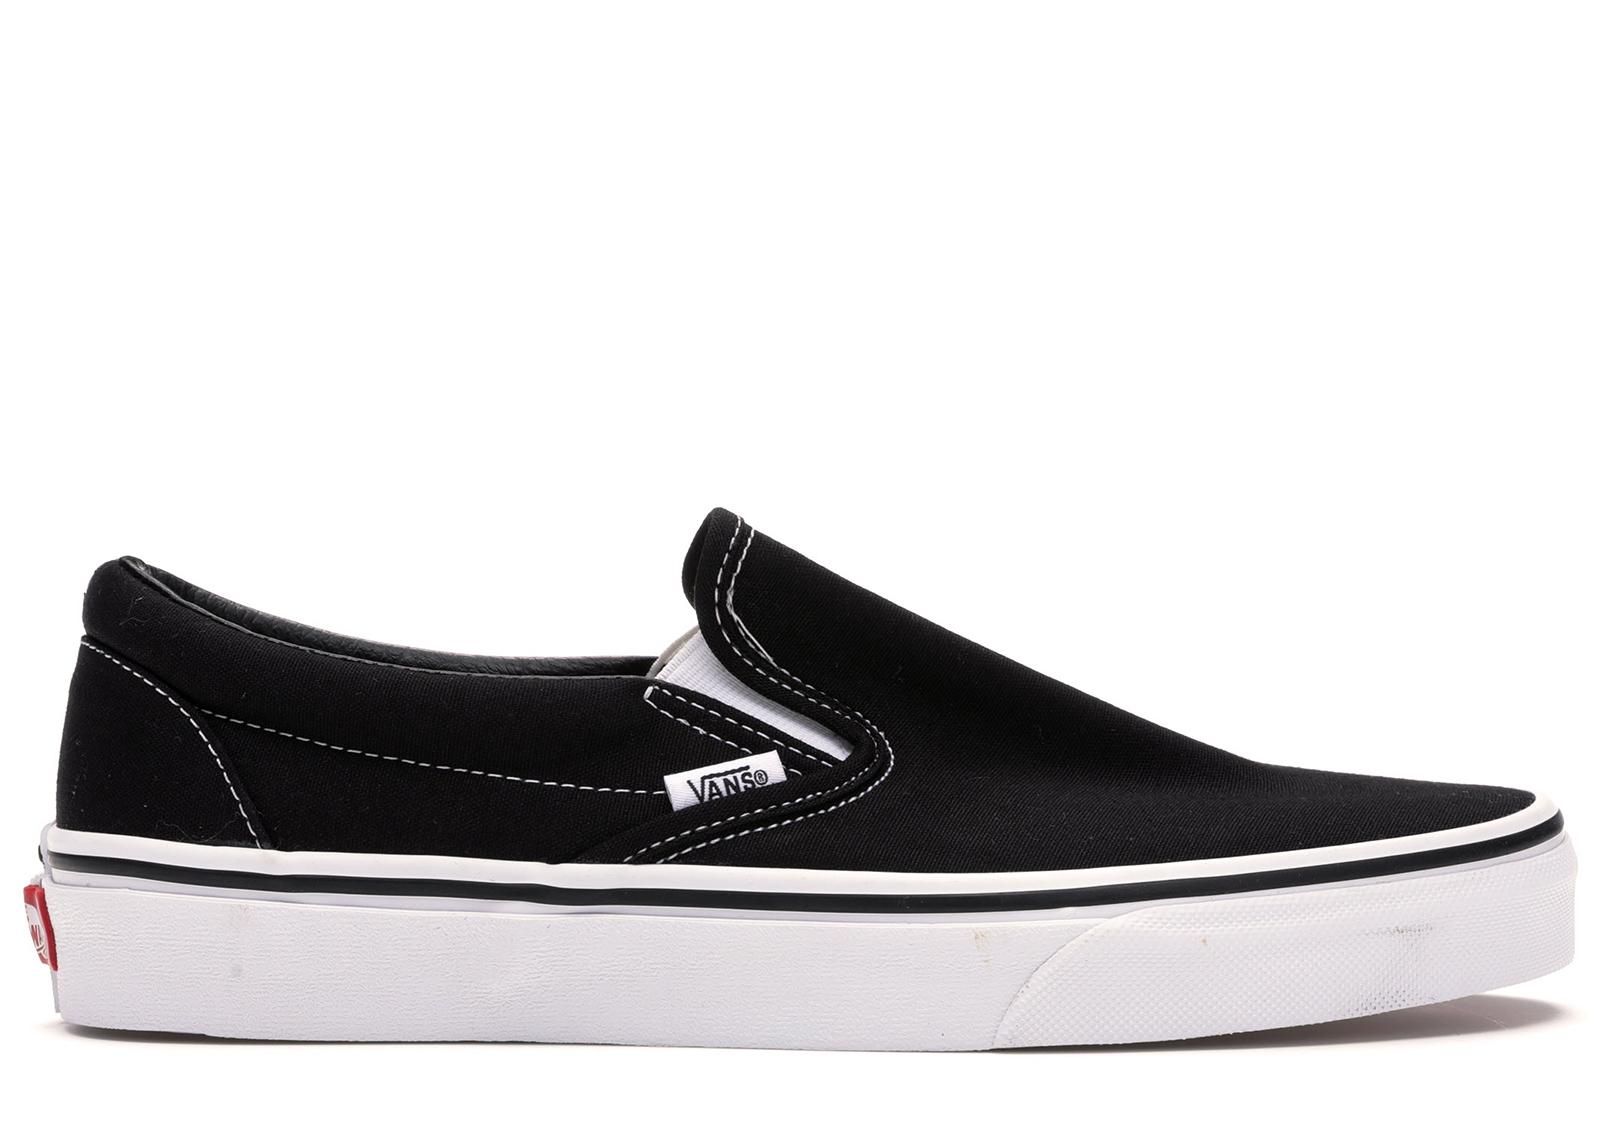 Vans Classic Slip On Black - VN000EYEBLK